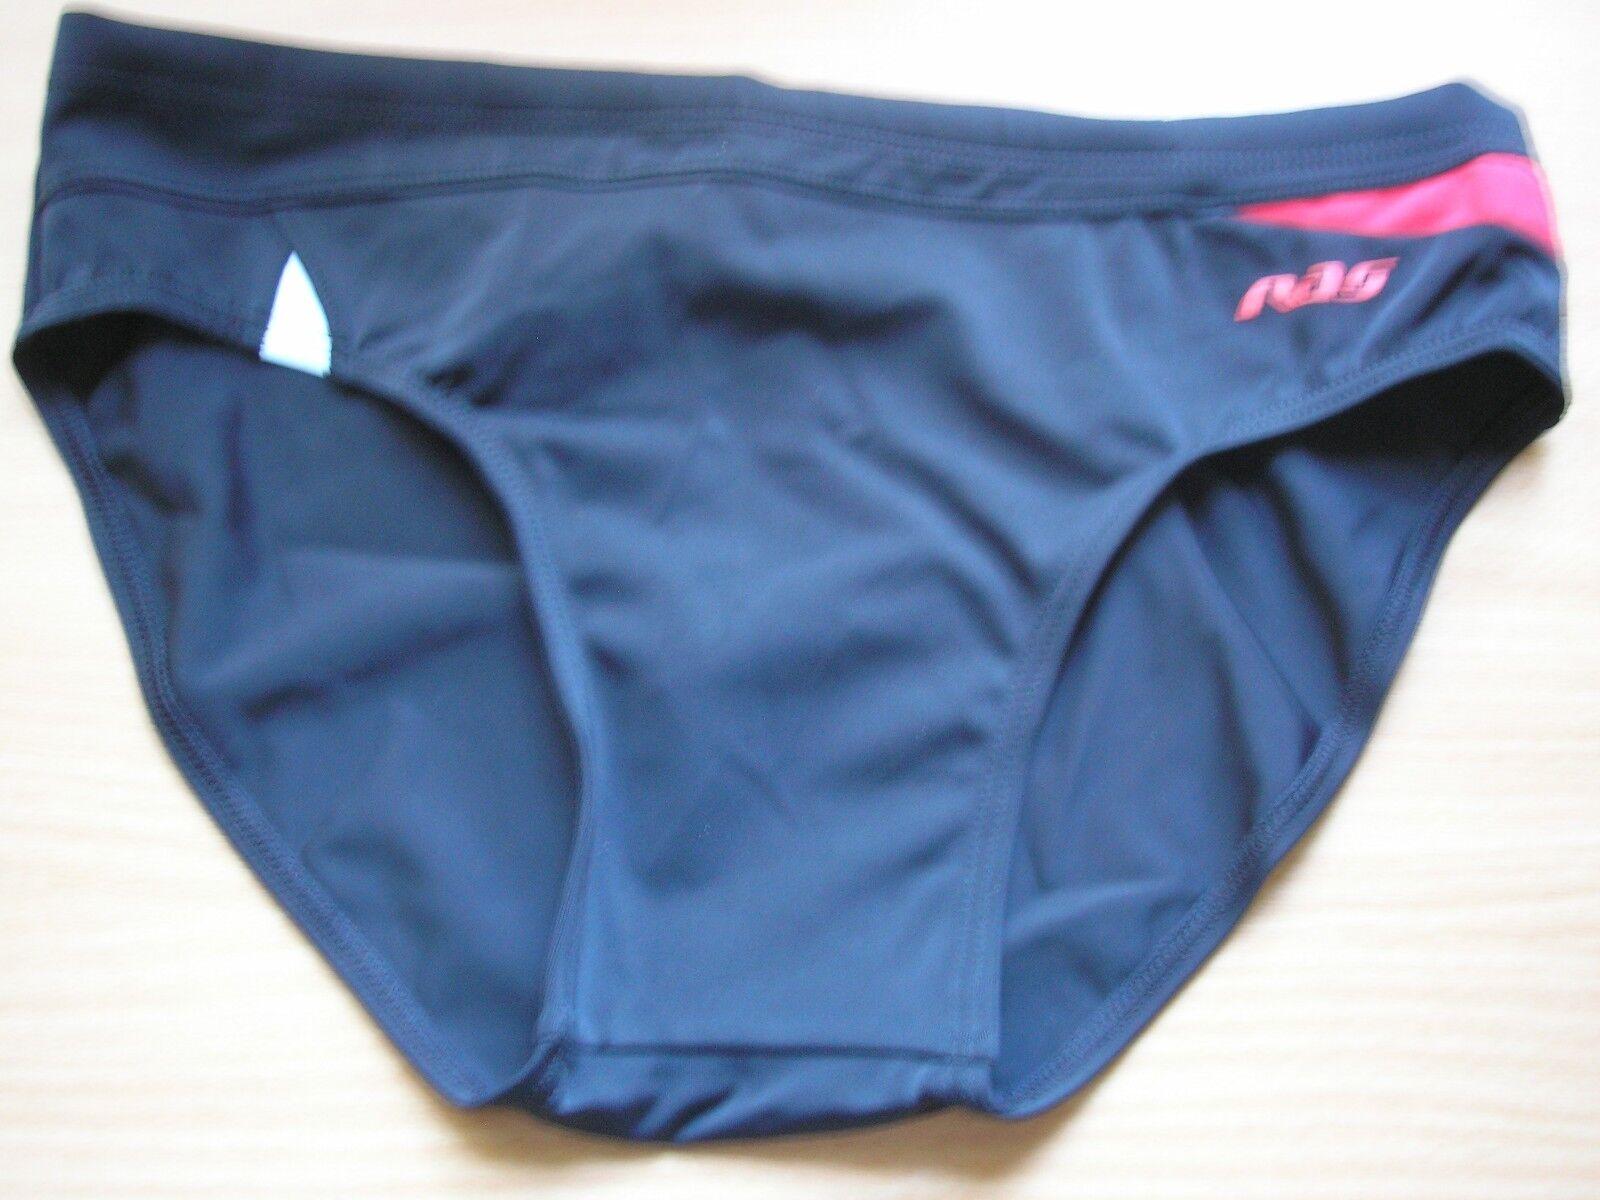 f6147f818e853 Плавки или купальный костюм для мужчины MEN`S NYLON RAS BLACK SWIM  BRIEF/TRUNKS SIZE L BRAND NEW! - 163448998221 - купить на eBay.com (США) с  доставкой в ...